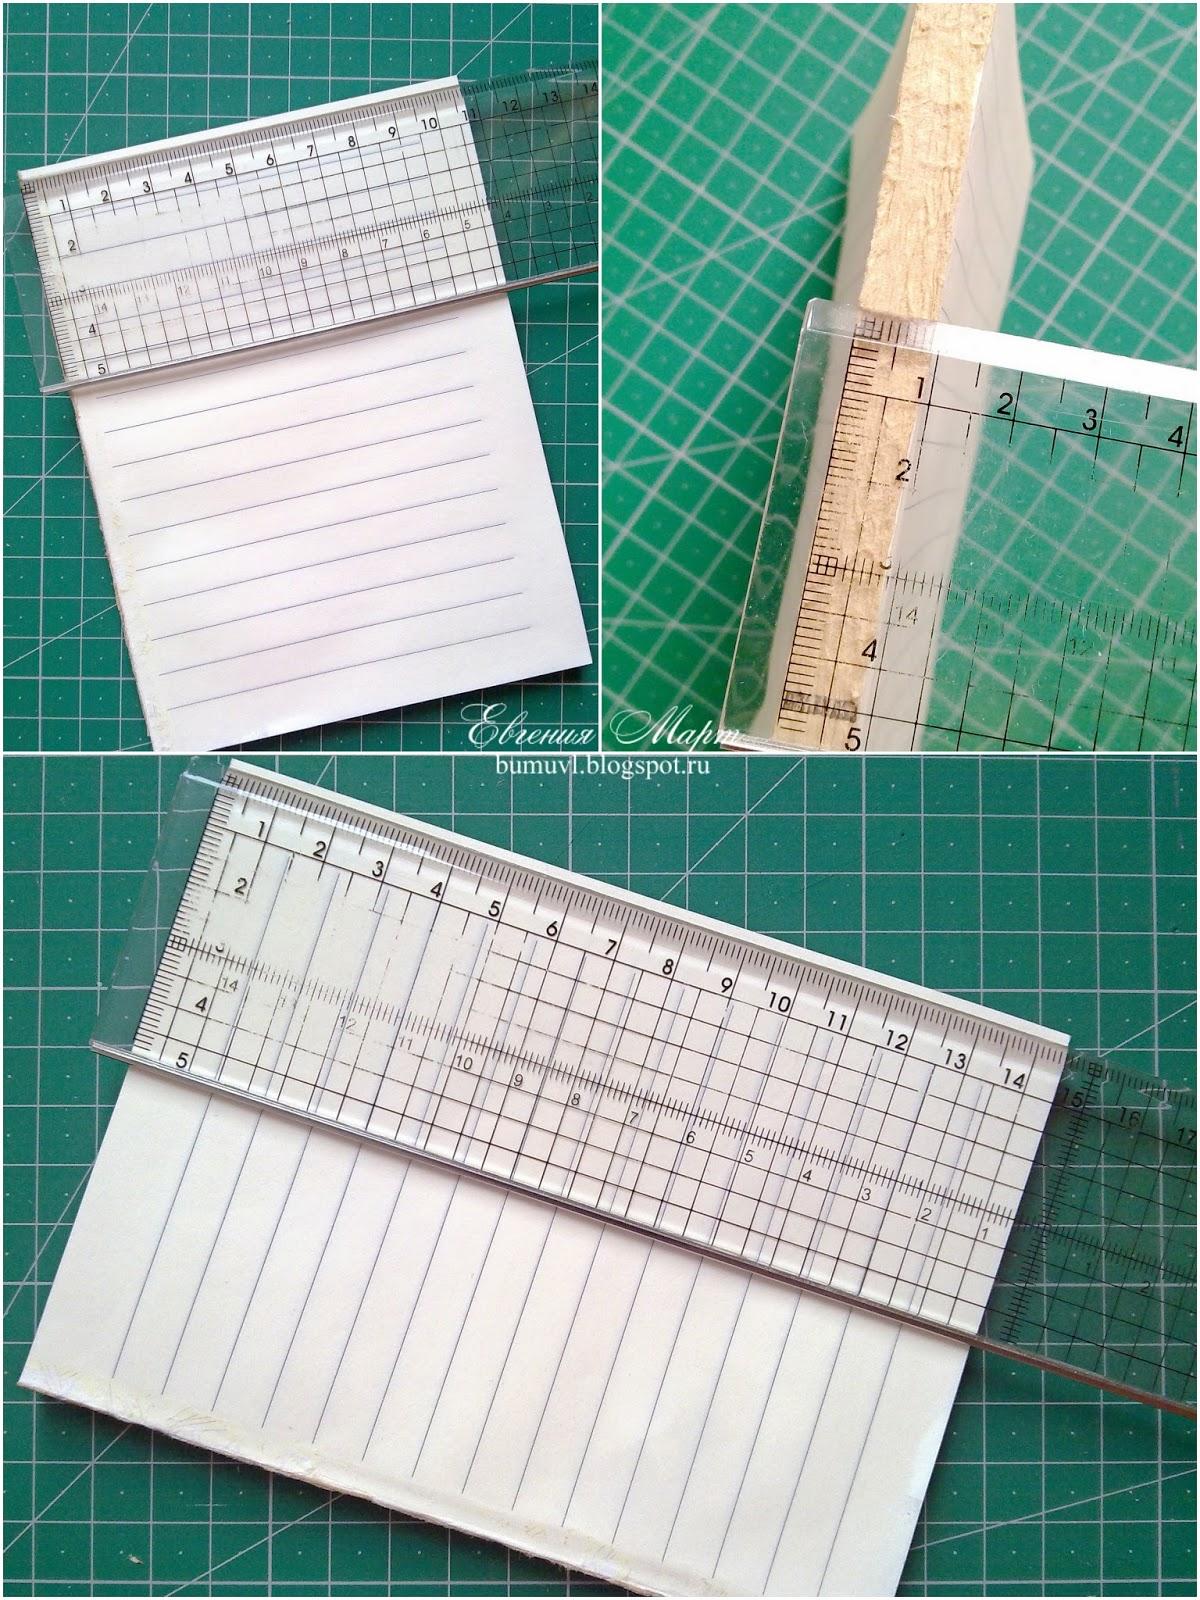 Как сделать кораблик из бумаги? Пошаговая инструкция 2